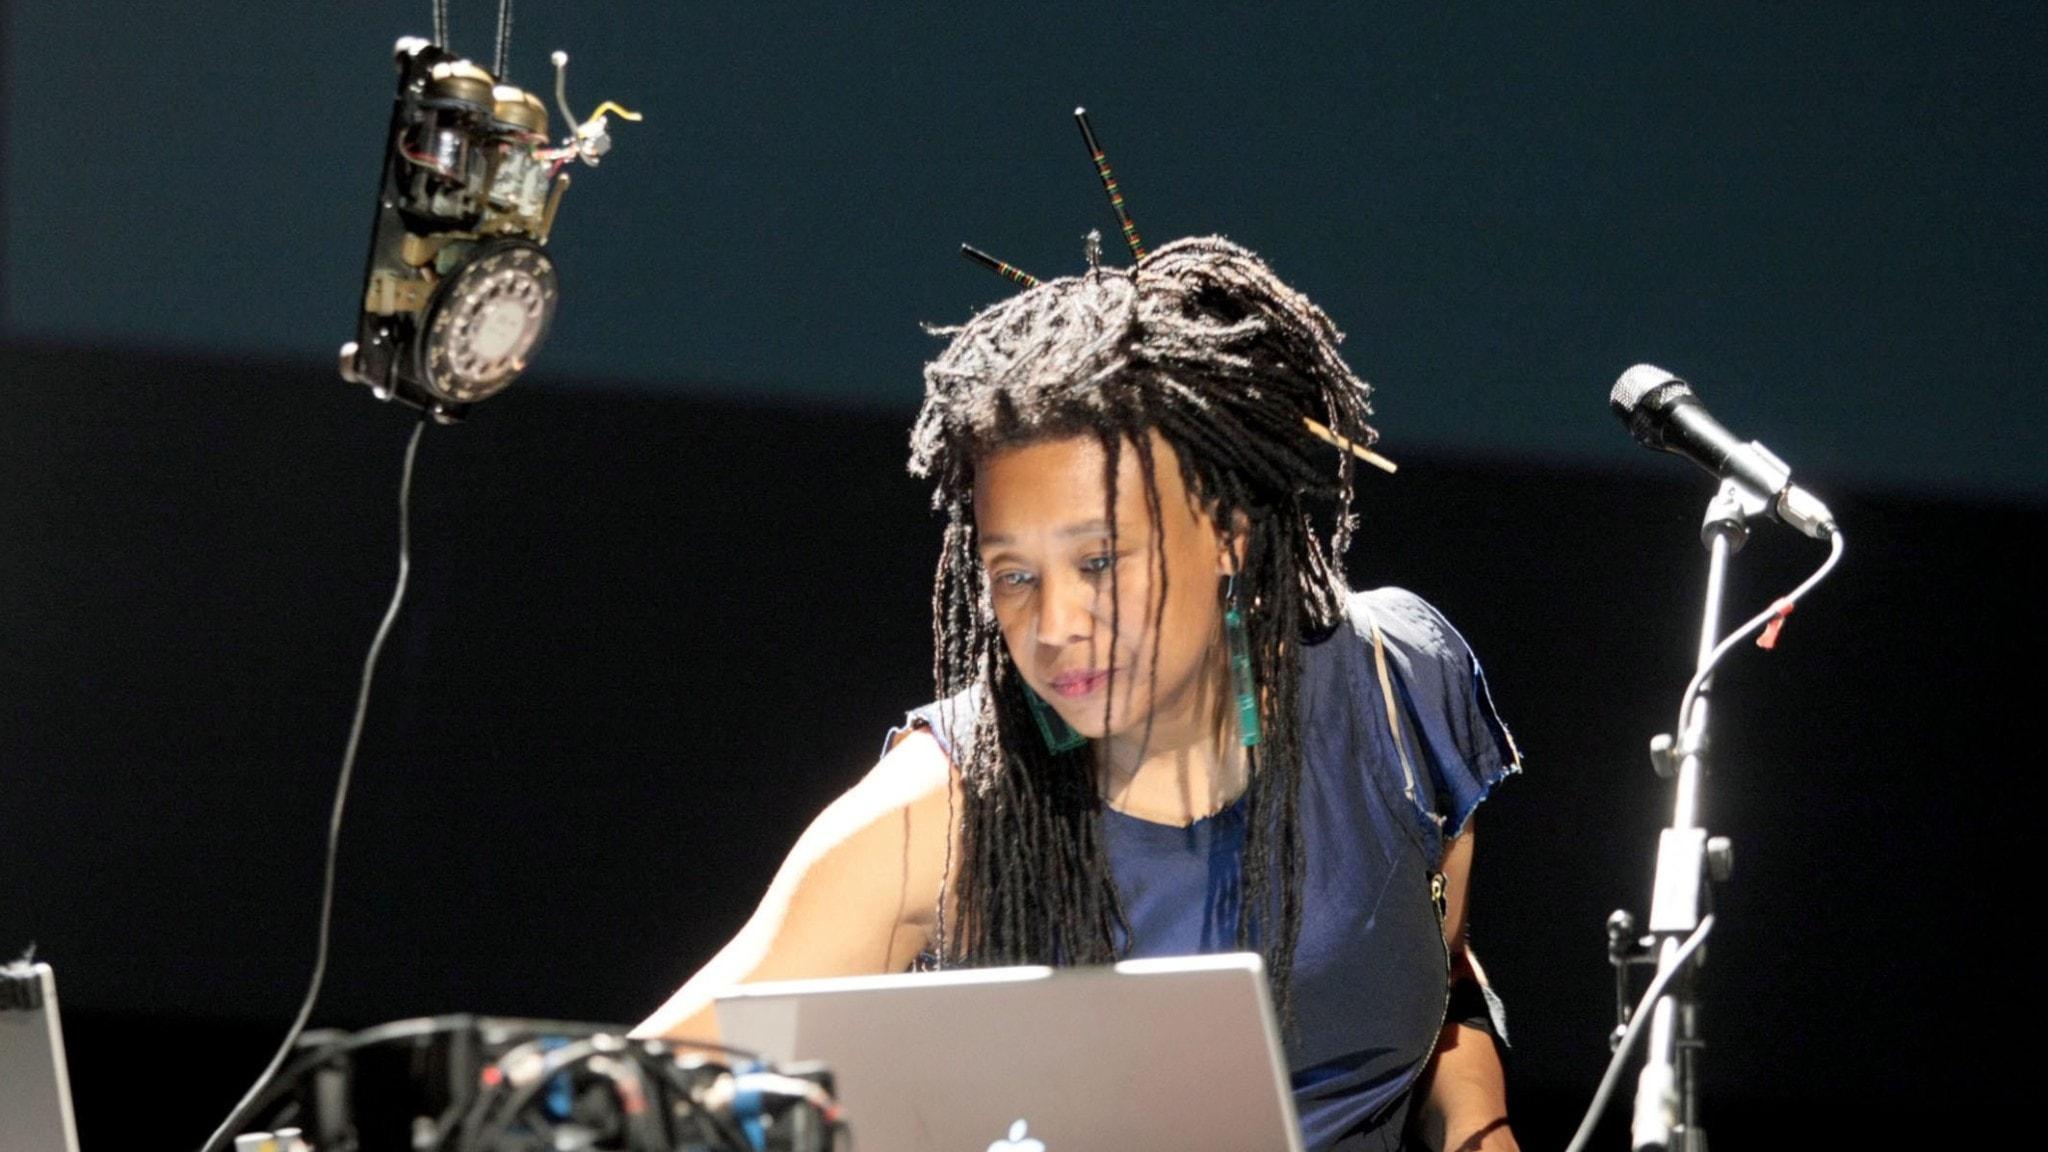 Artisten står på en scen med mikrofon och elektroniska objekt.